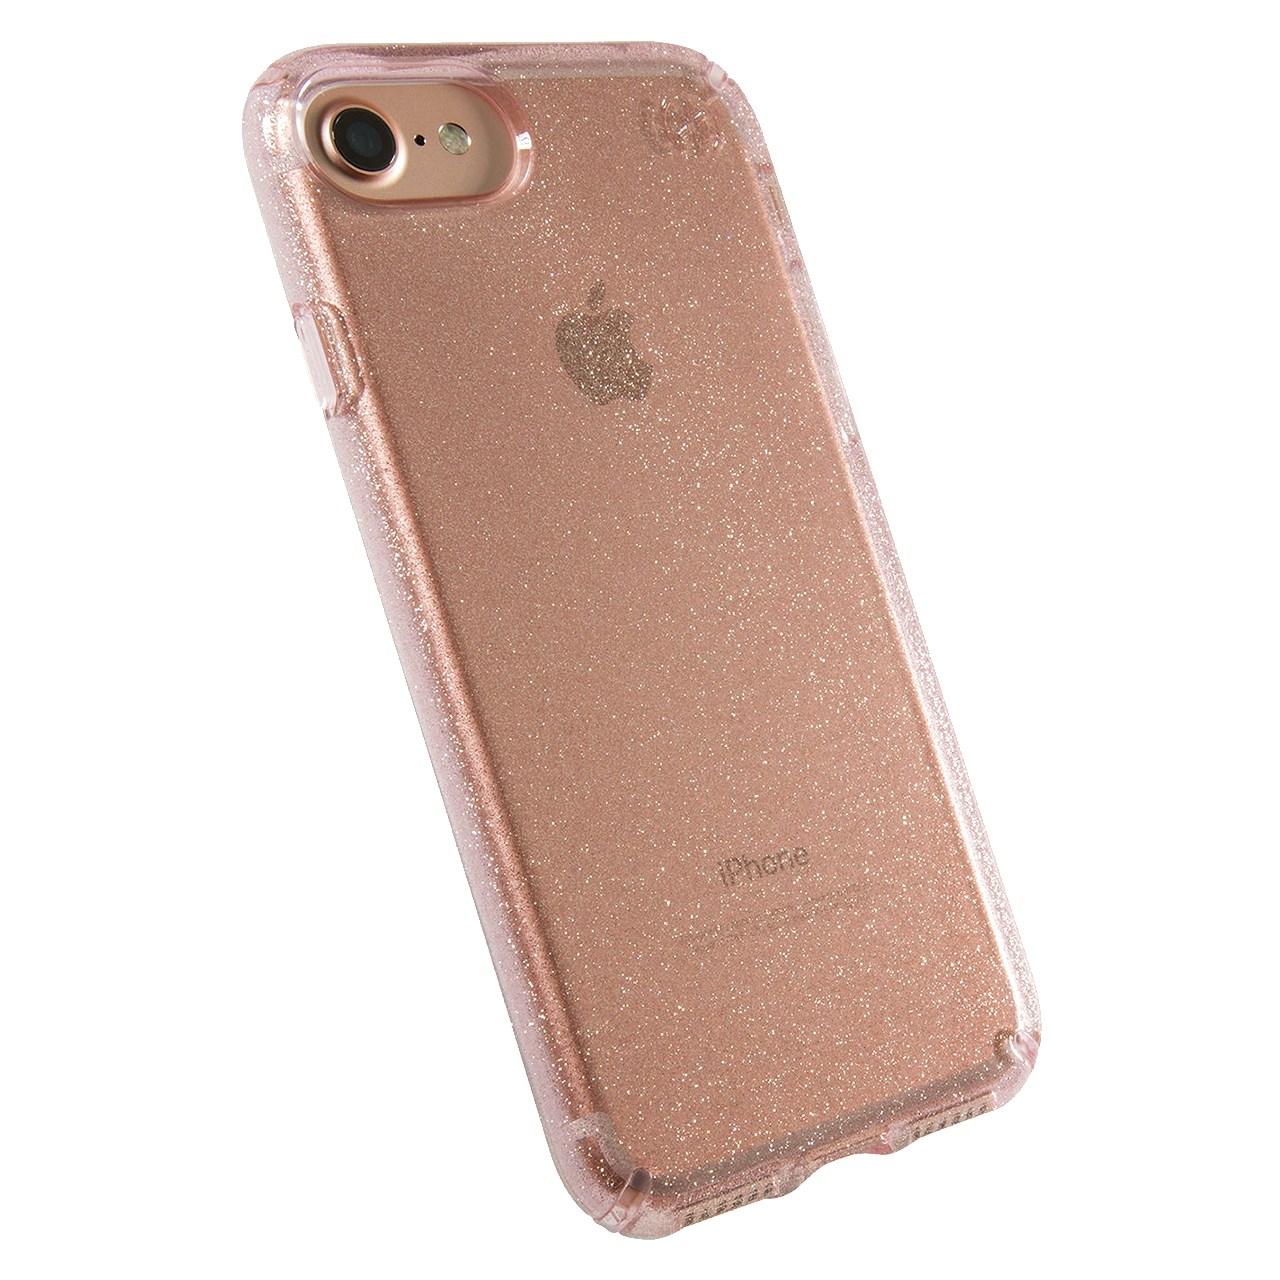 کاور اسپک مدل Presidio Clear Glitter مناسب برای گوشی موبایل آیفون مدل7 و 8